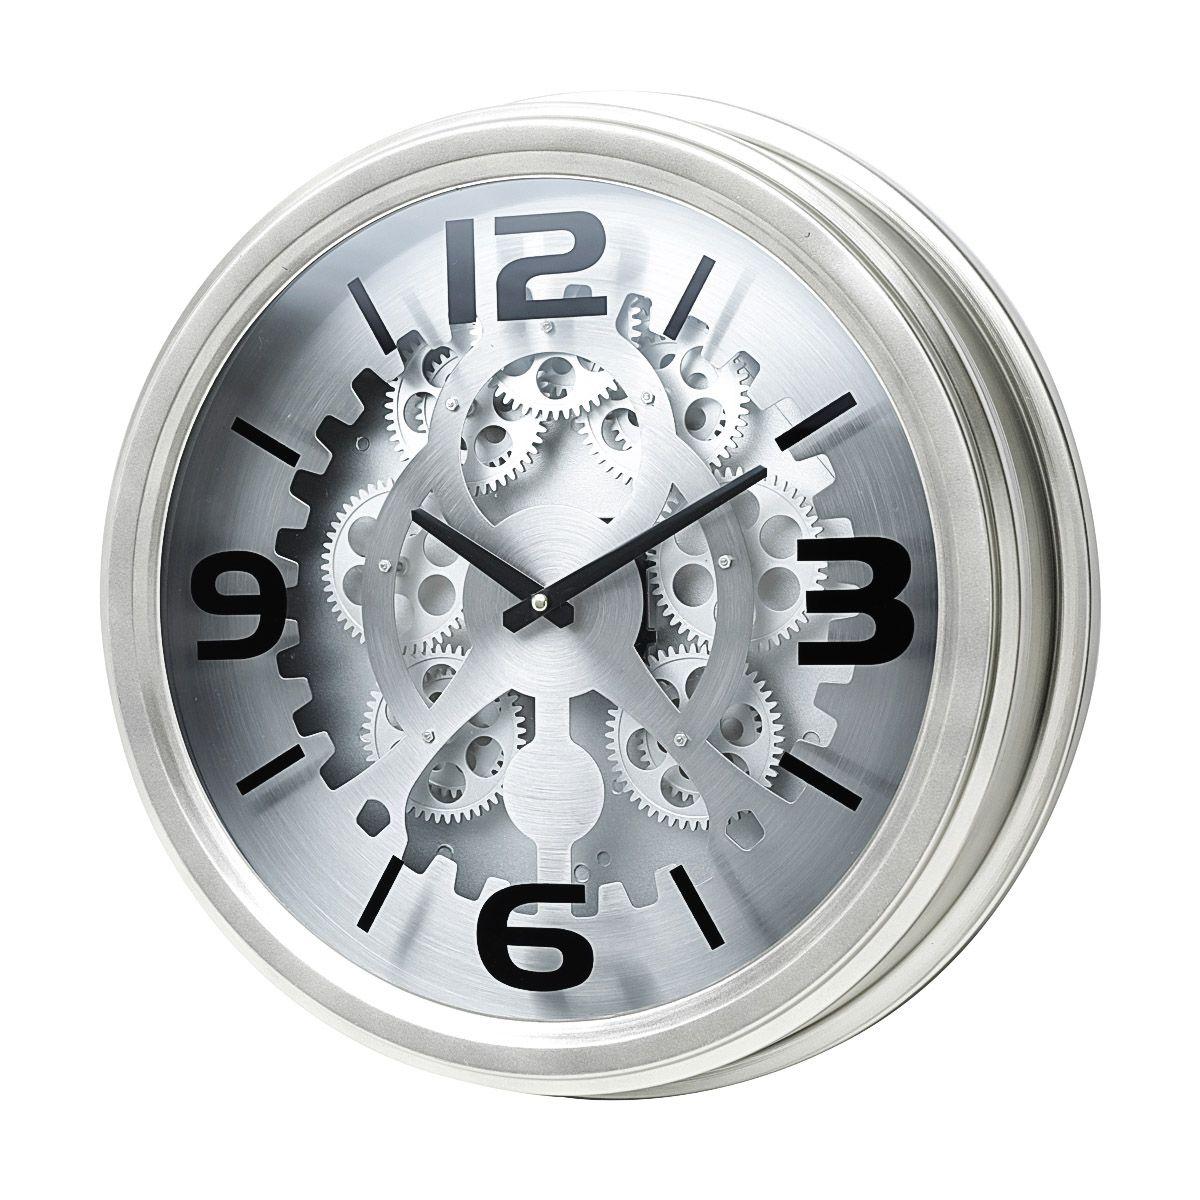 Relógio Decorativo De Parede 43x9cm